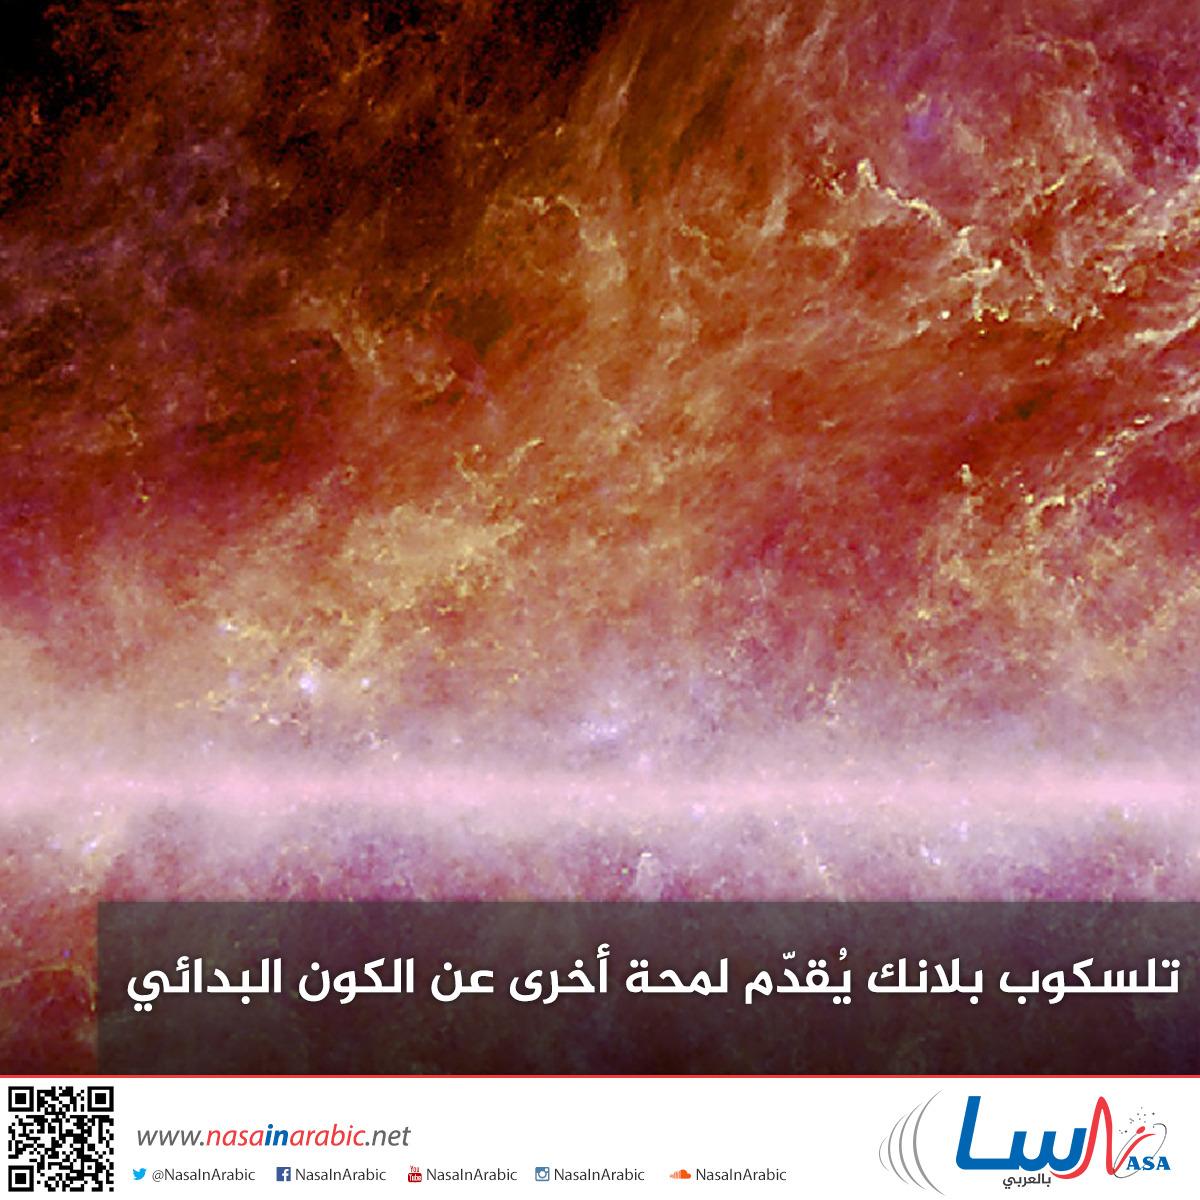 تلسكوب بلانك يُقدّم لمحة أخرى عن الكون البدائي